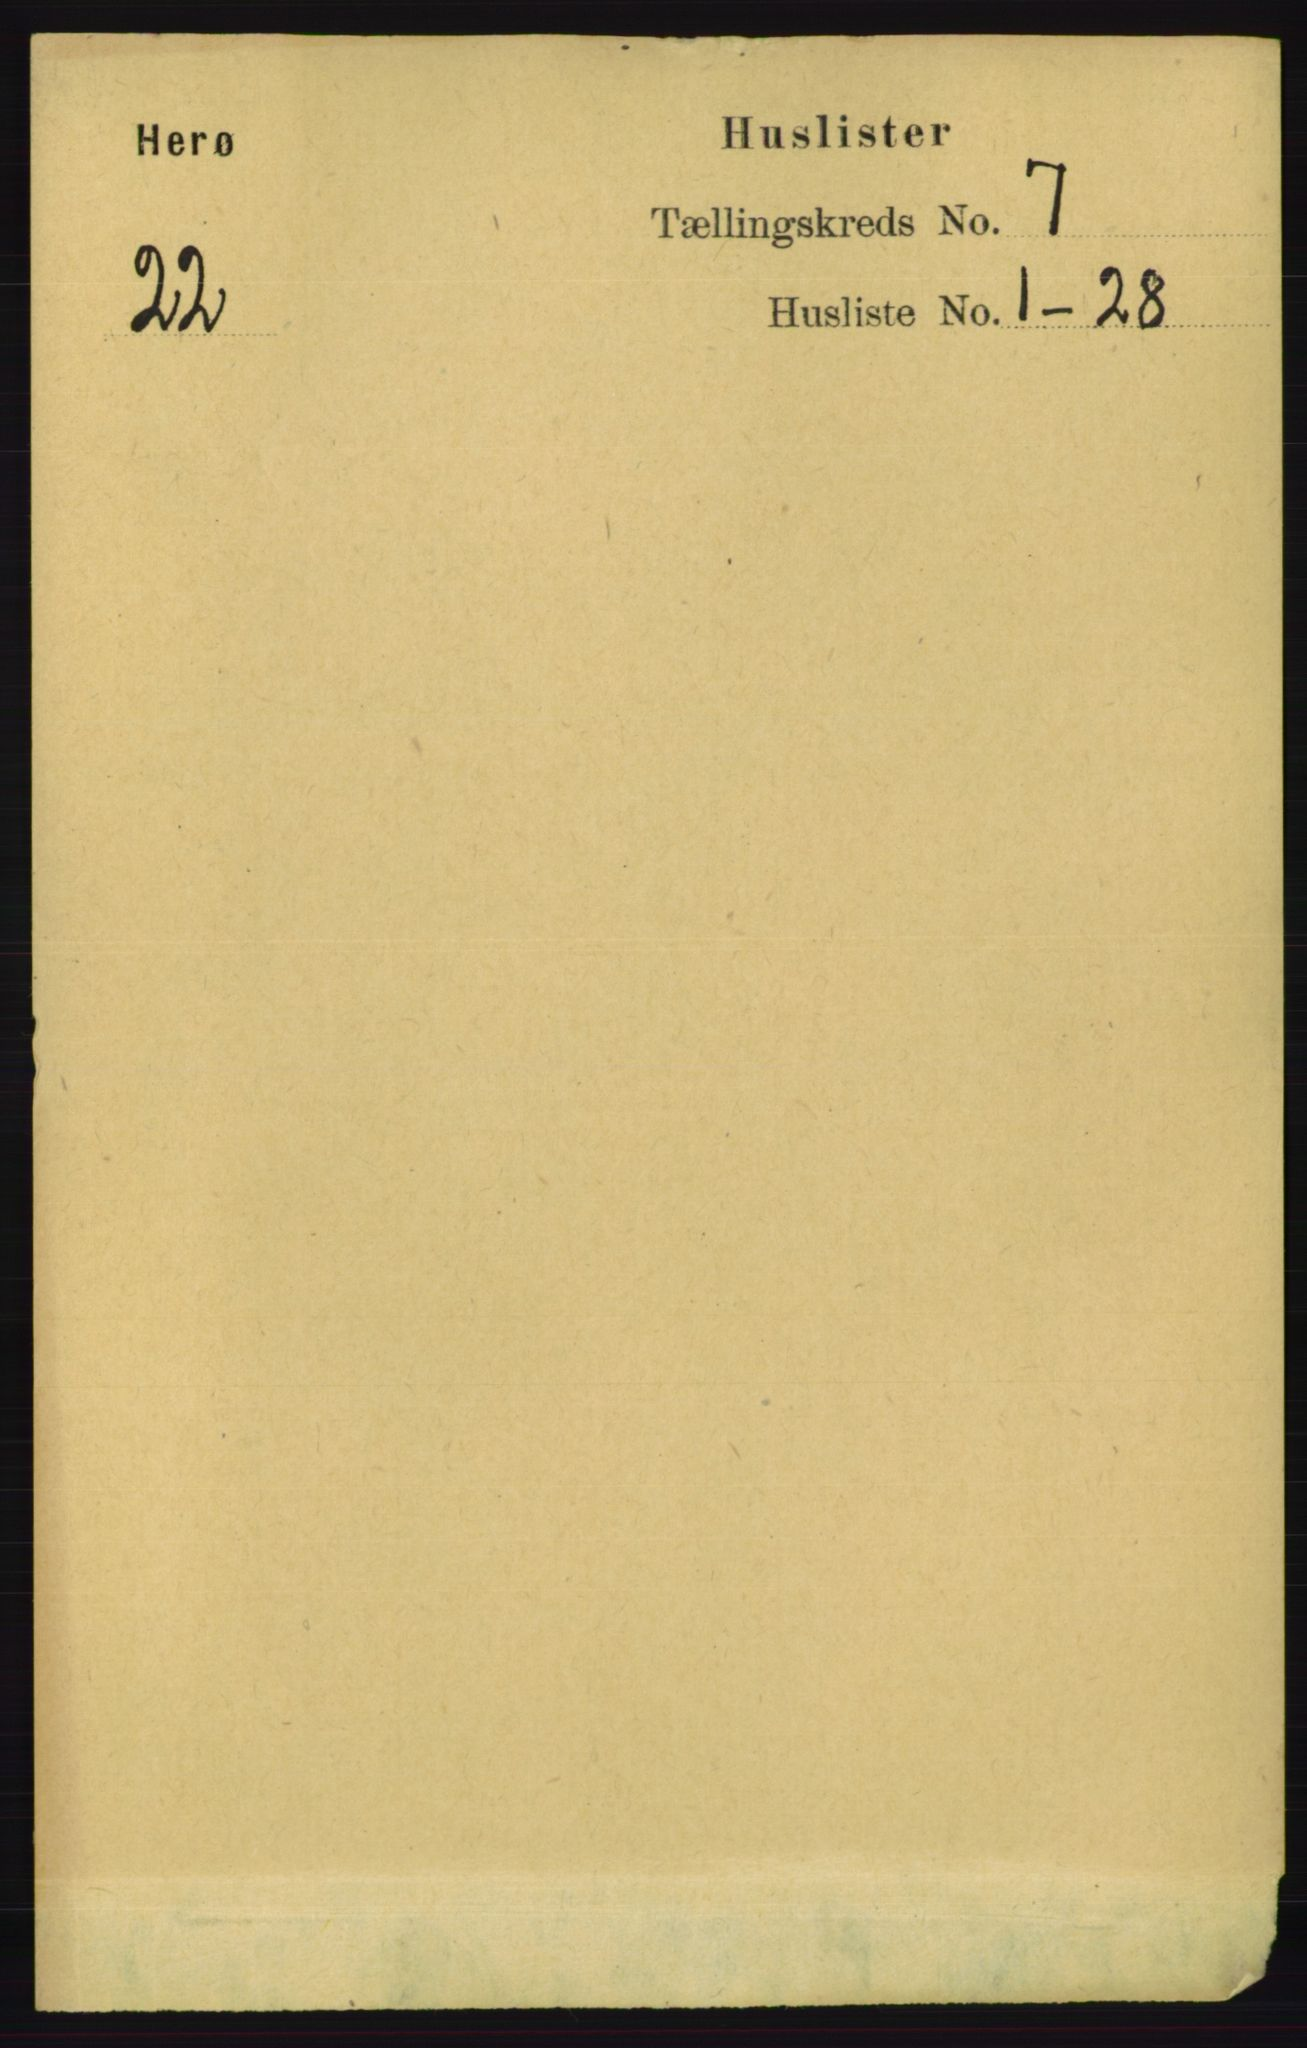 RA, Folketelling 1891 for 1818 Herøy herred, 1891, s. 2206